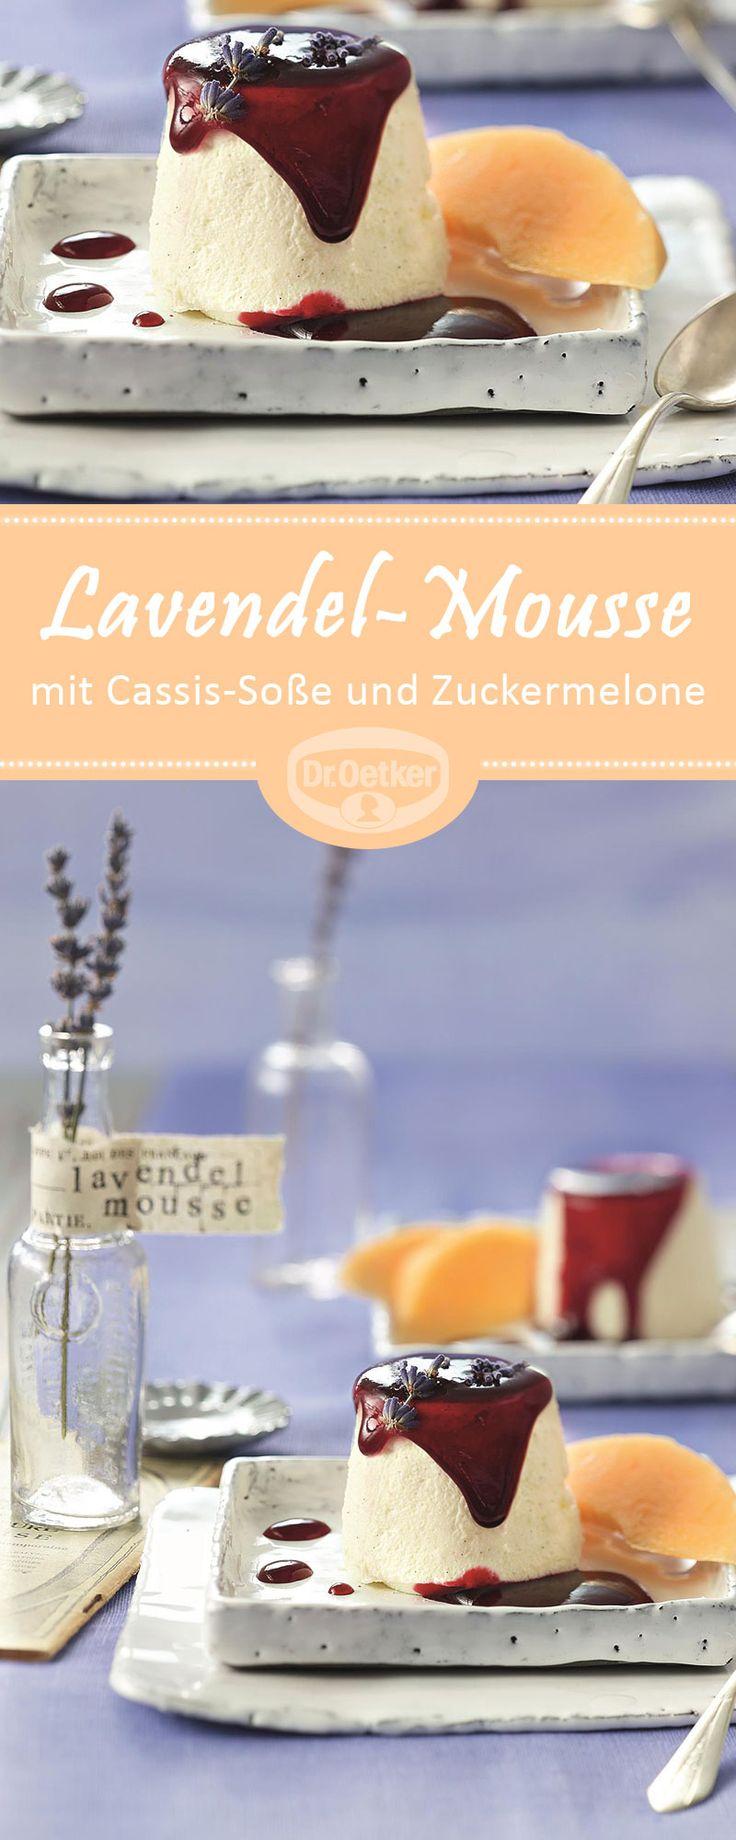 Lavendel-Mousse mit Cassis-Soße und Zuckermelone: Ein Dessert mit Joghurt, einem Hauch Lavendel und frischem Obst